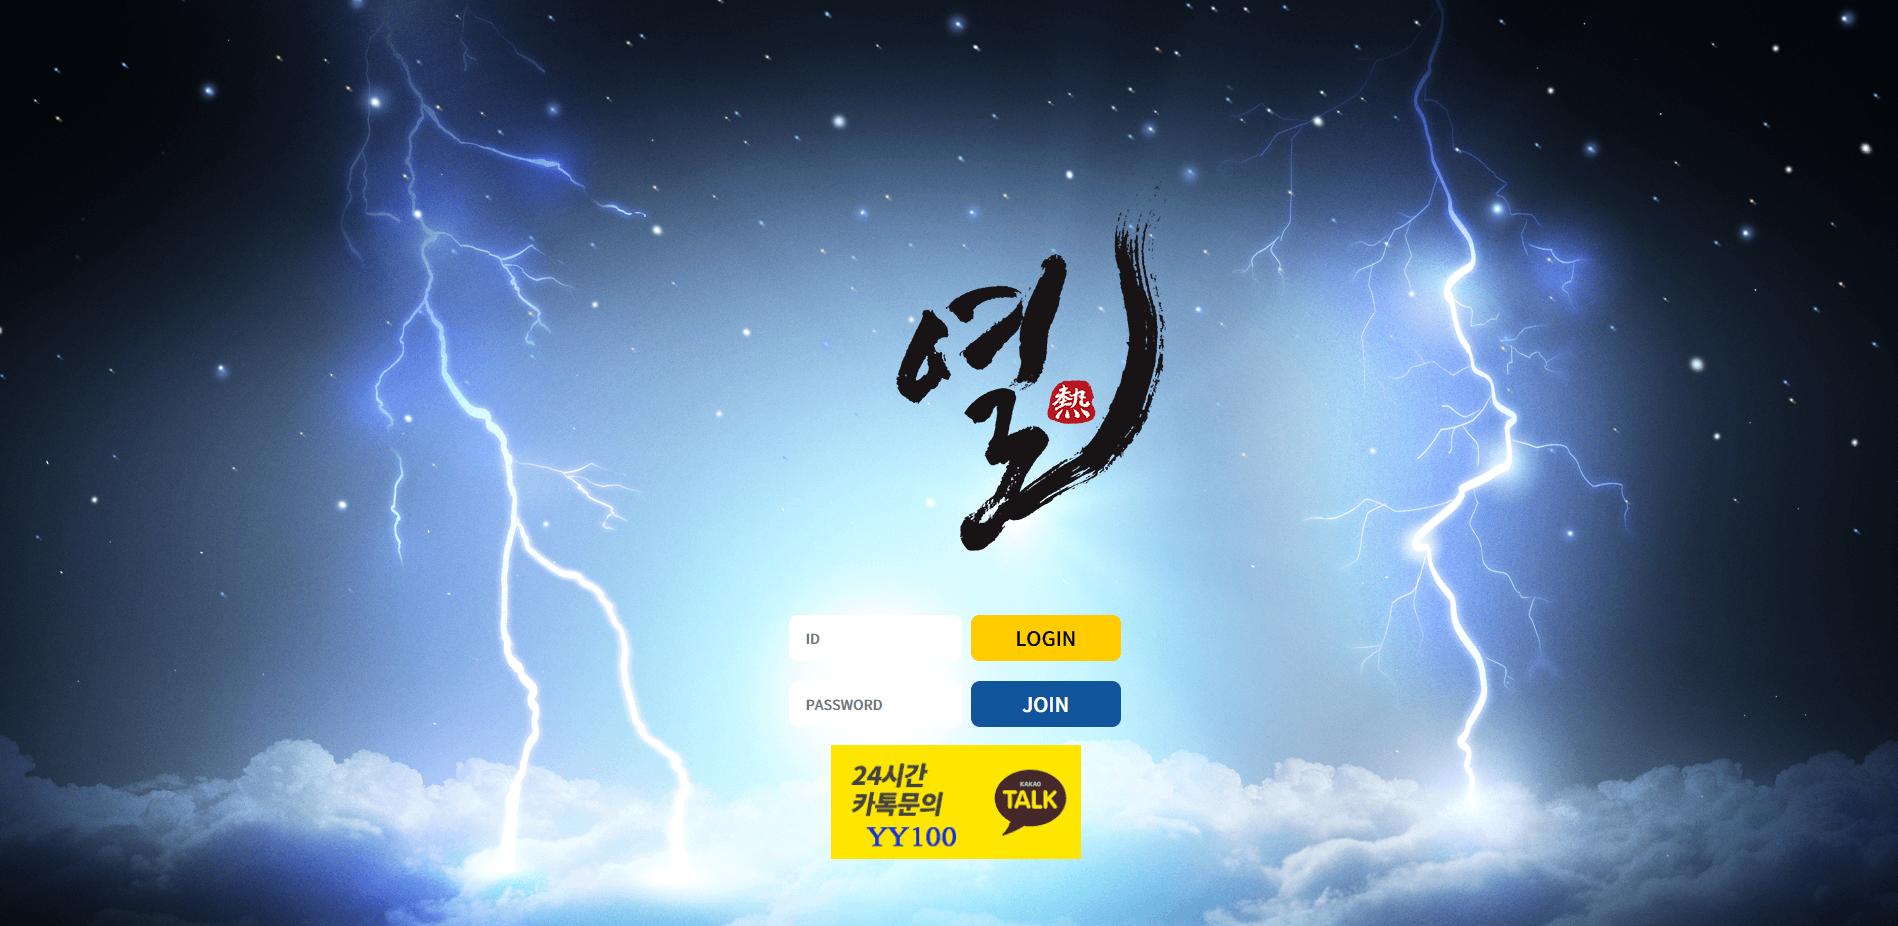 [먹튀검증]열 yy-520.com 먹튀사이트 토토사이트 먹튀검증업체 토토안내소